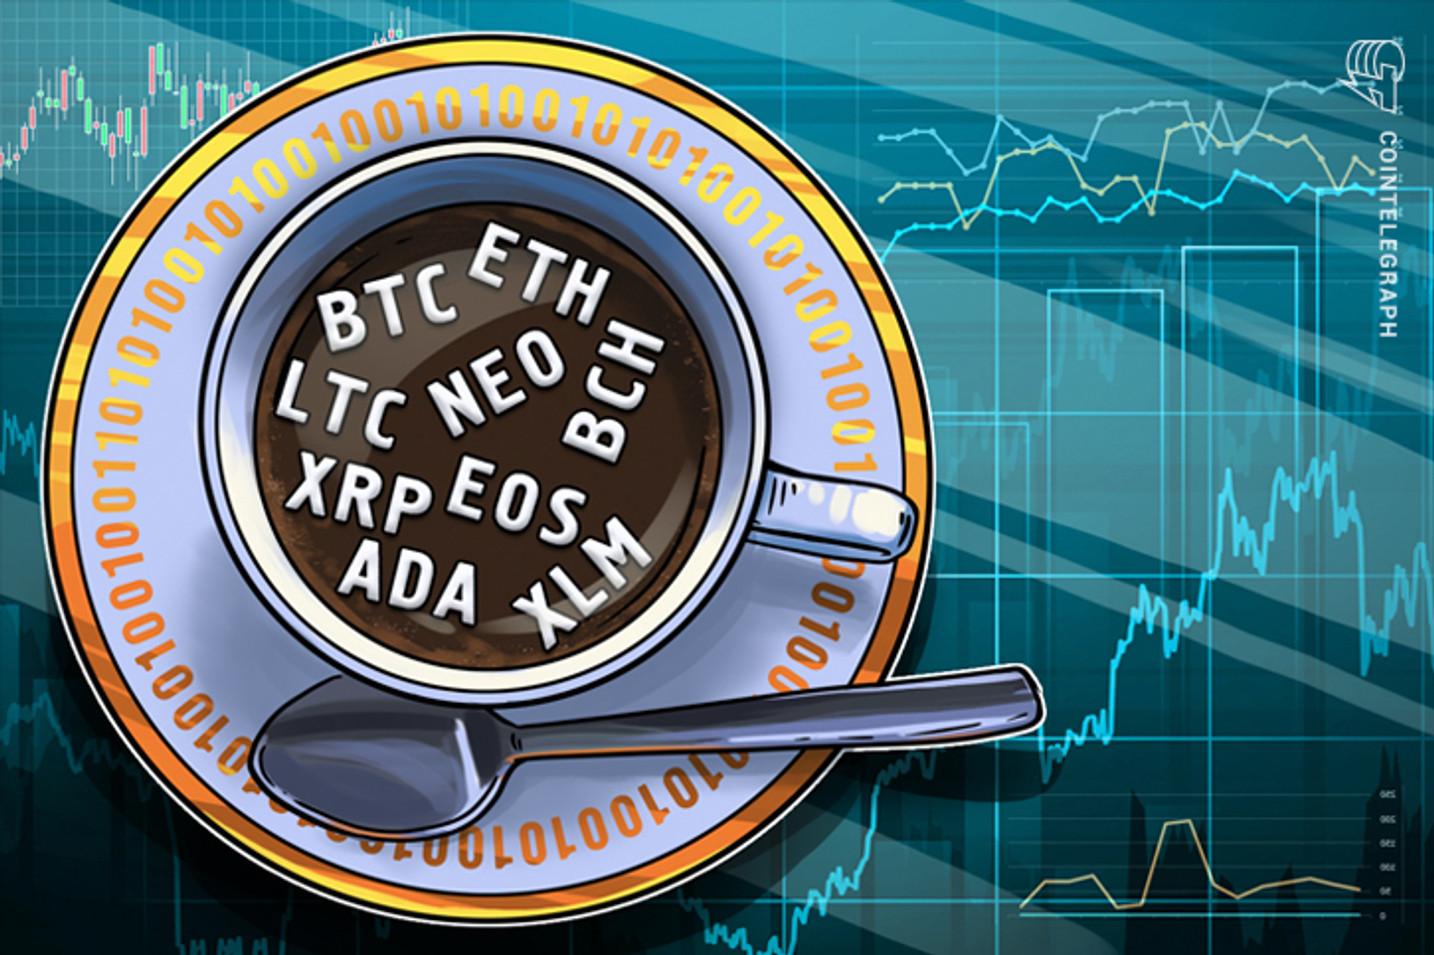 4月25日 仮想通貨チャート分析:ビットコイン イーサ ビットコインキャッシュ リップル ステラ ライトコイン カルダノ NEO EOS